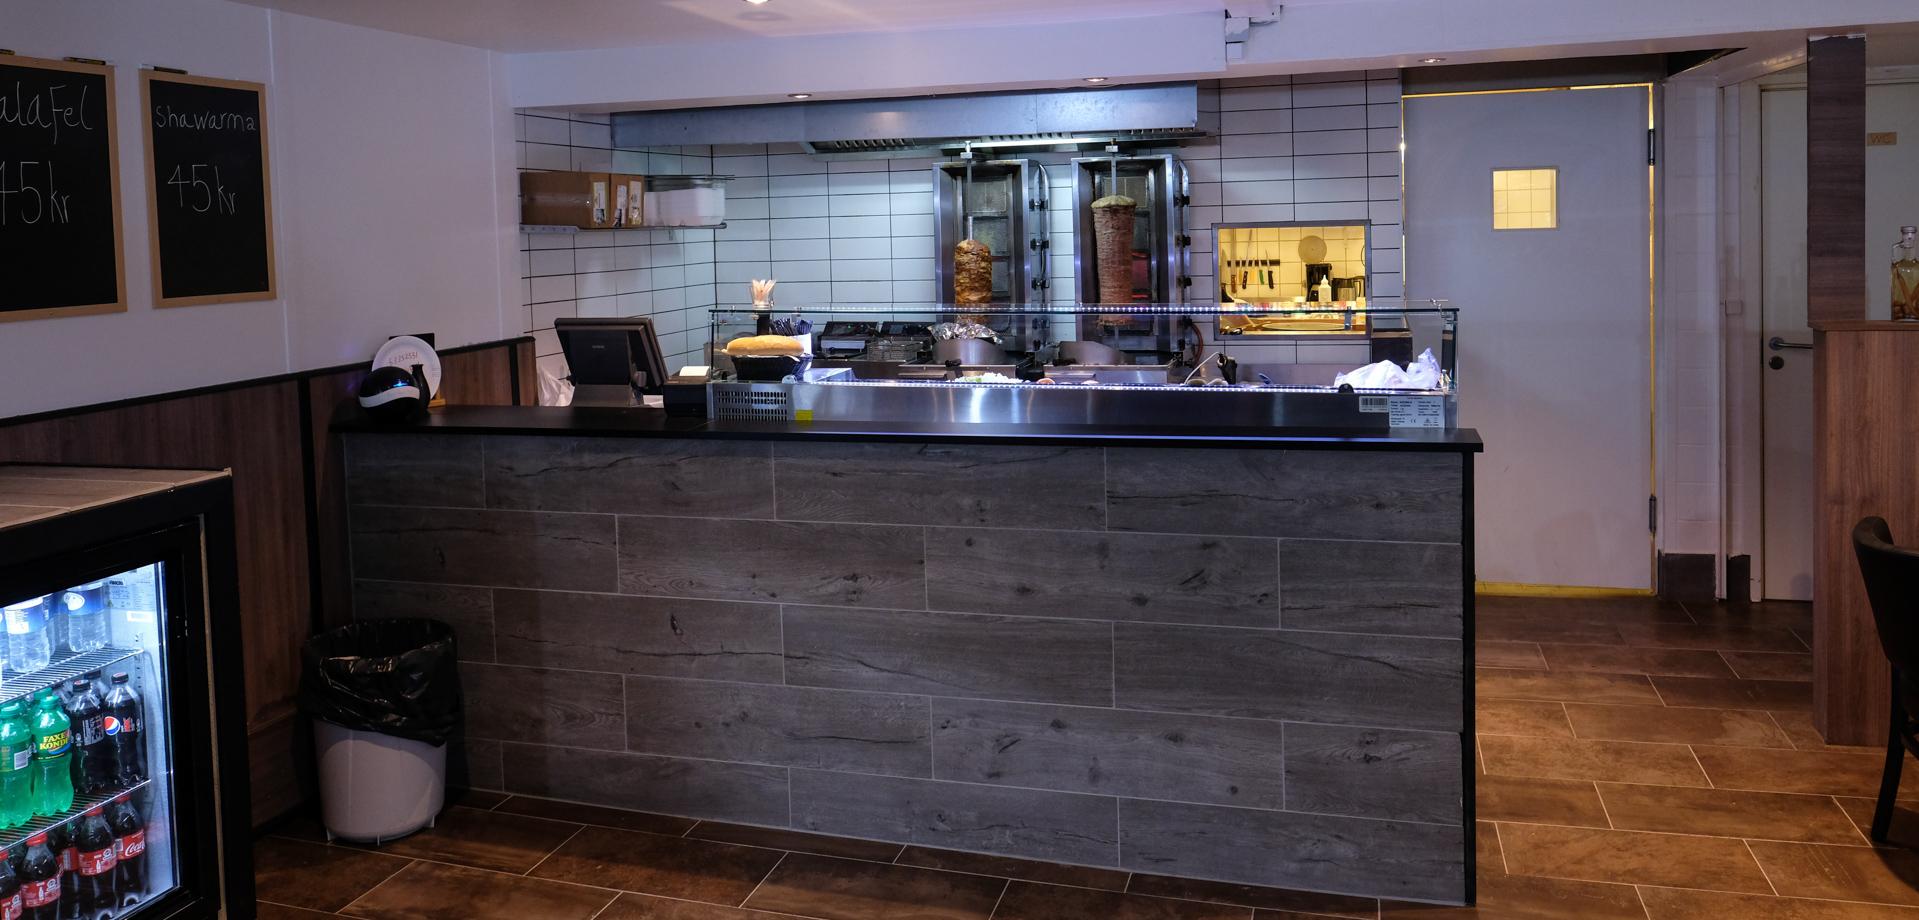 """Ny Shawarma Mester holder natåbent: På høje tid - erfaren """"mester"""" starter for sig selv"""